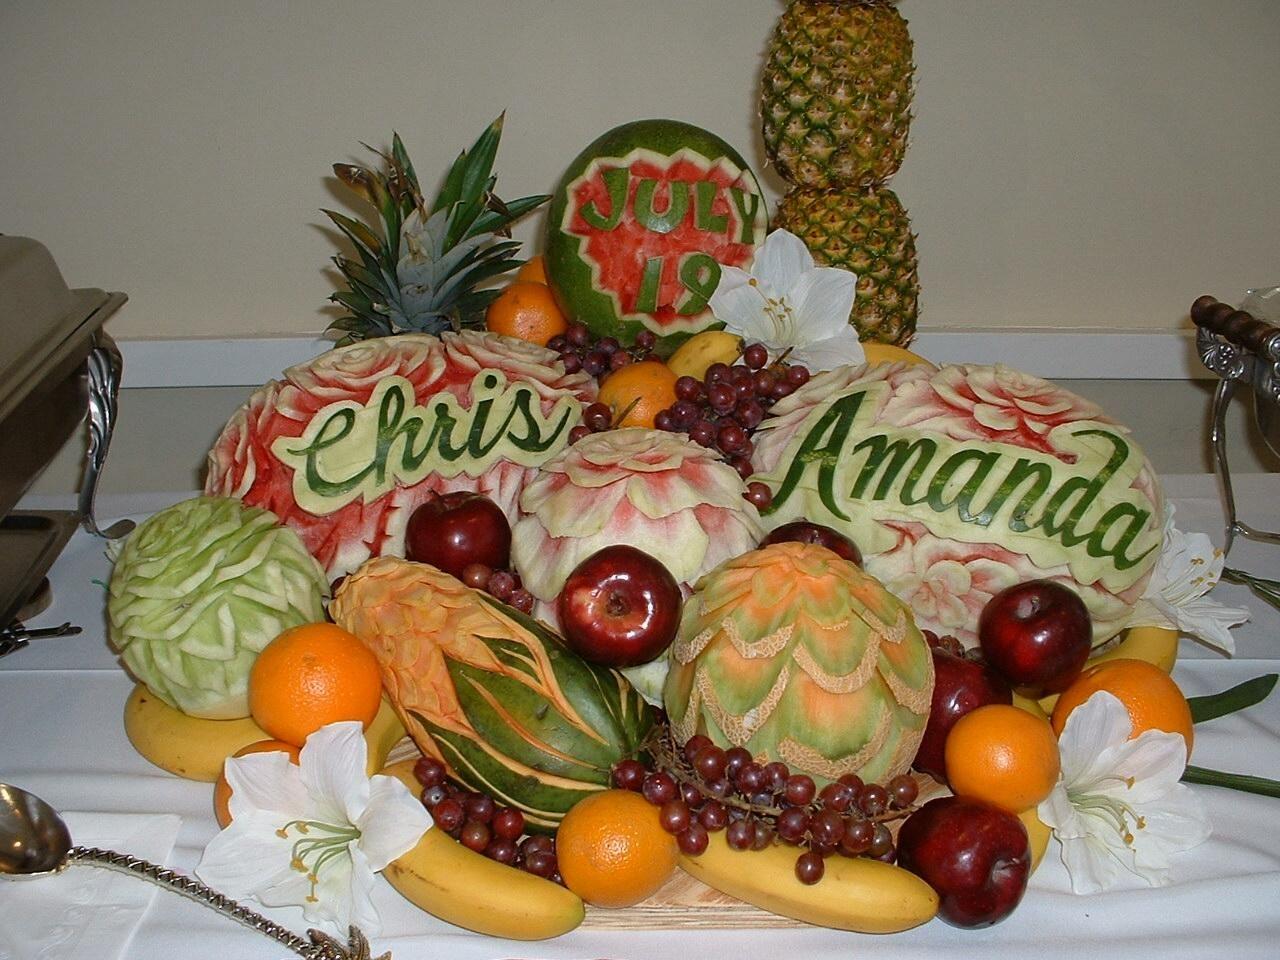 Elegant fruit displays carved